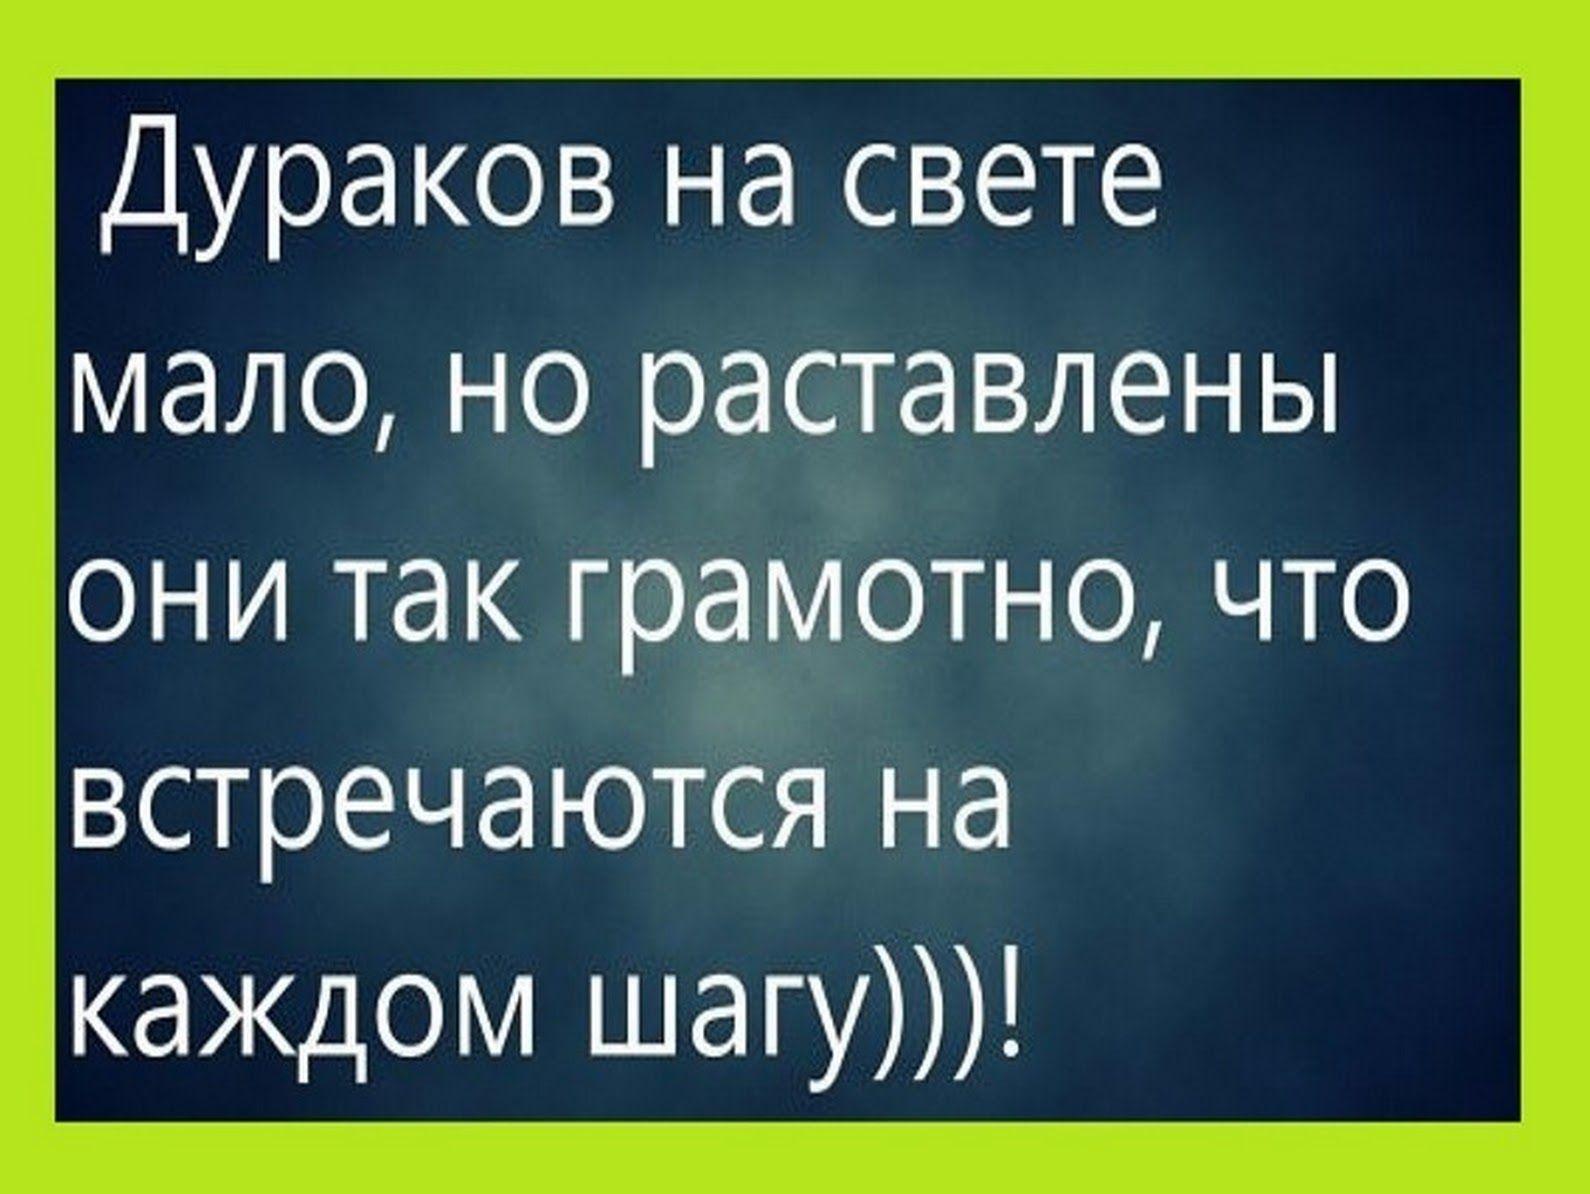 Семь Дураков Анекдот Видео